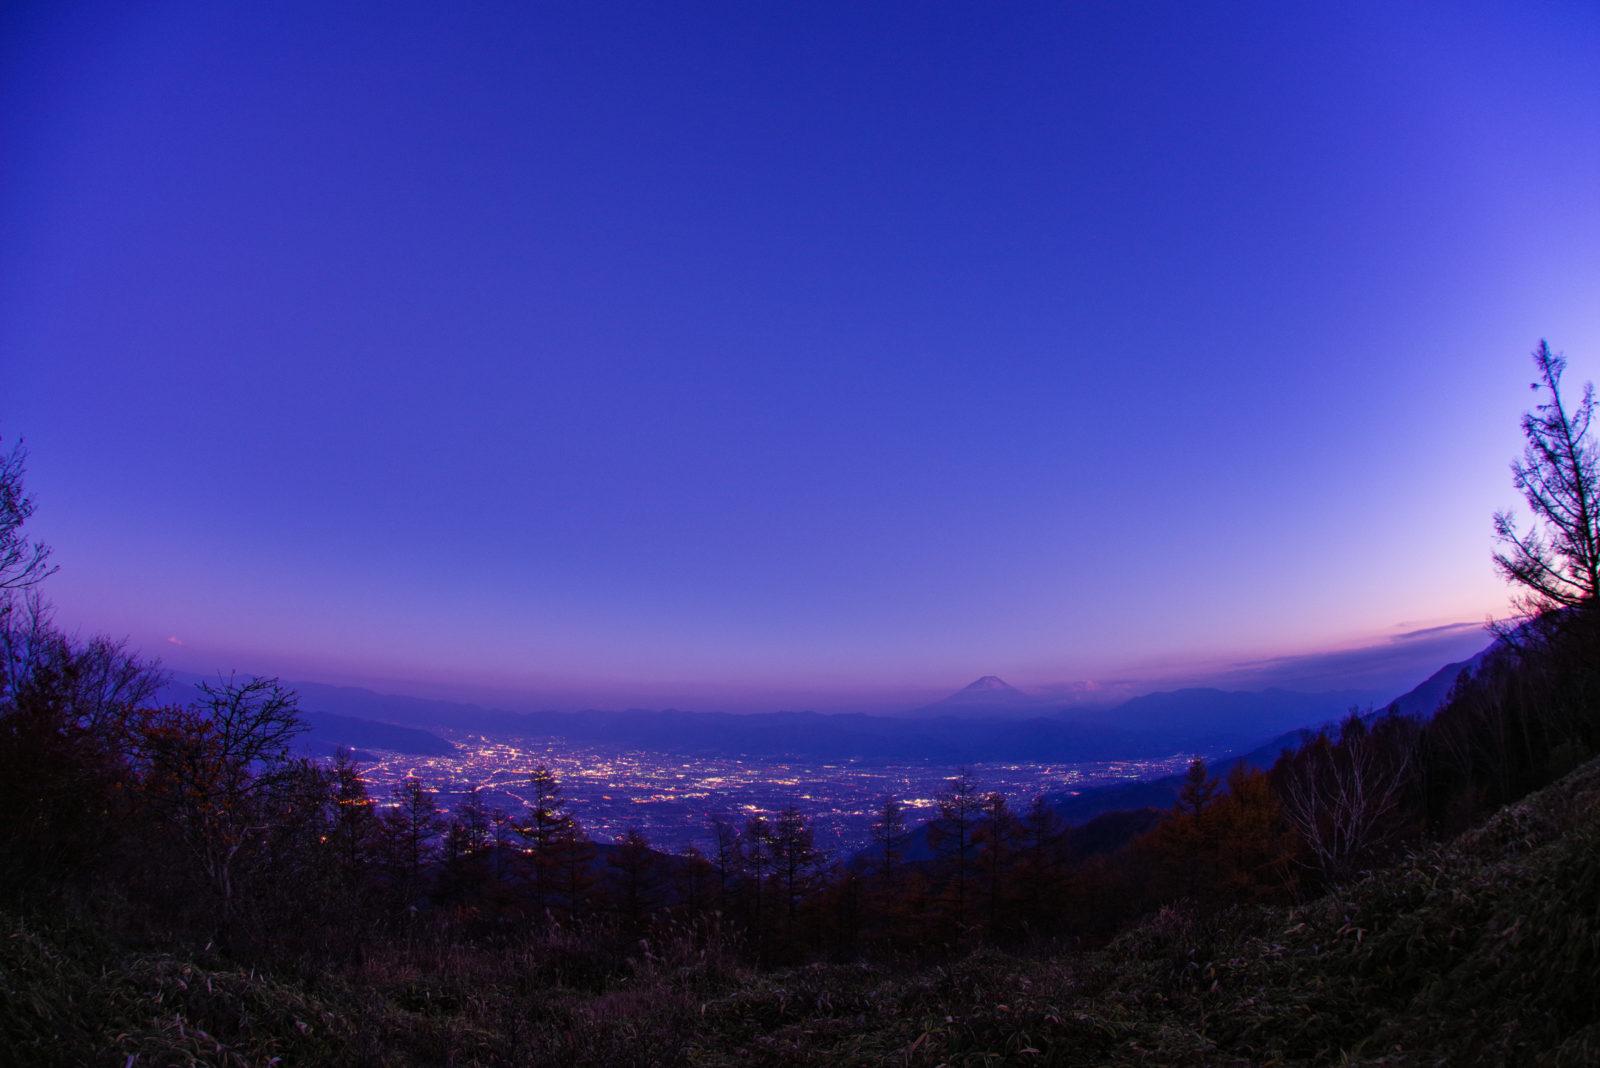 甘利山より富士山 | PENTAX K-1&DA10-17mm